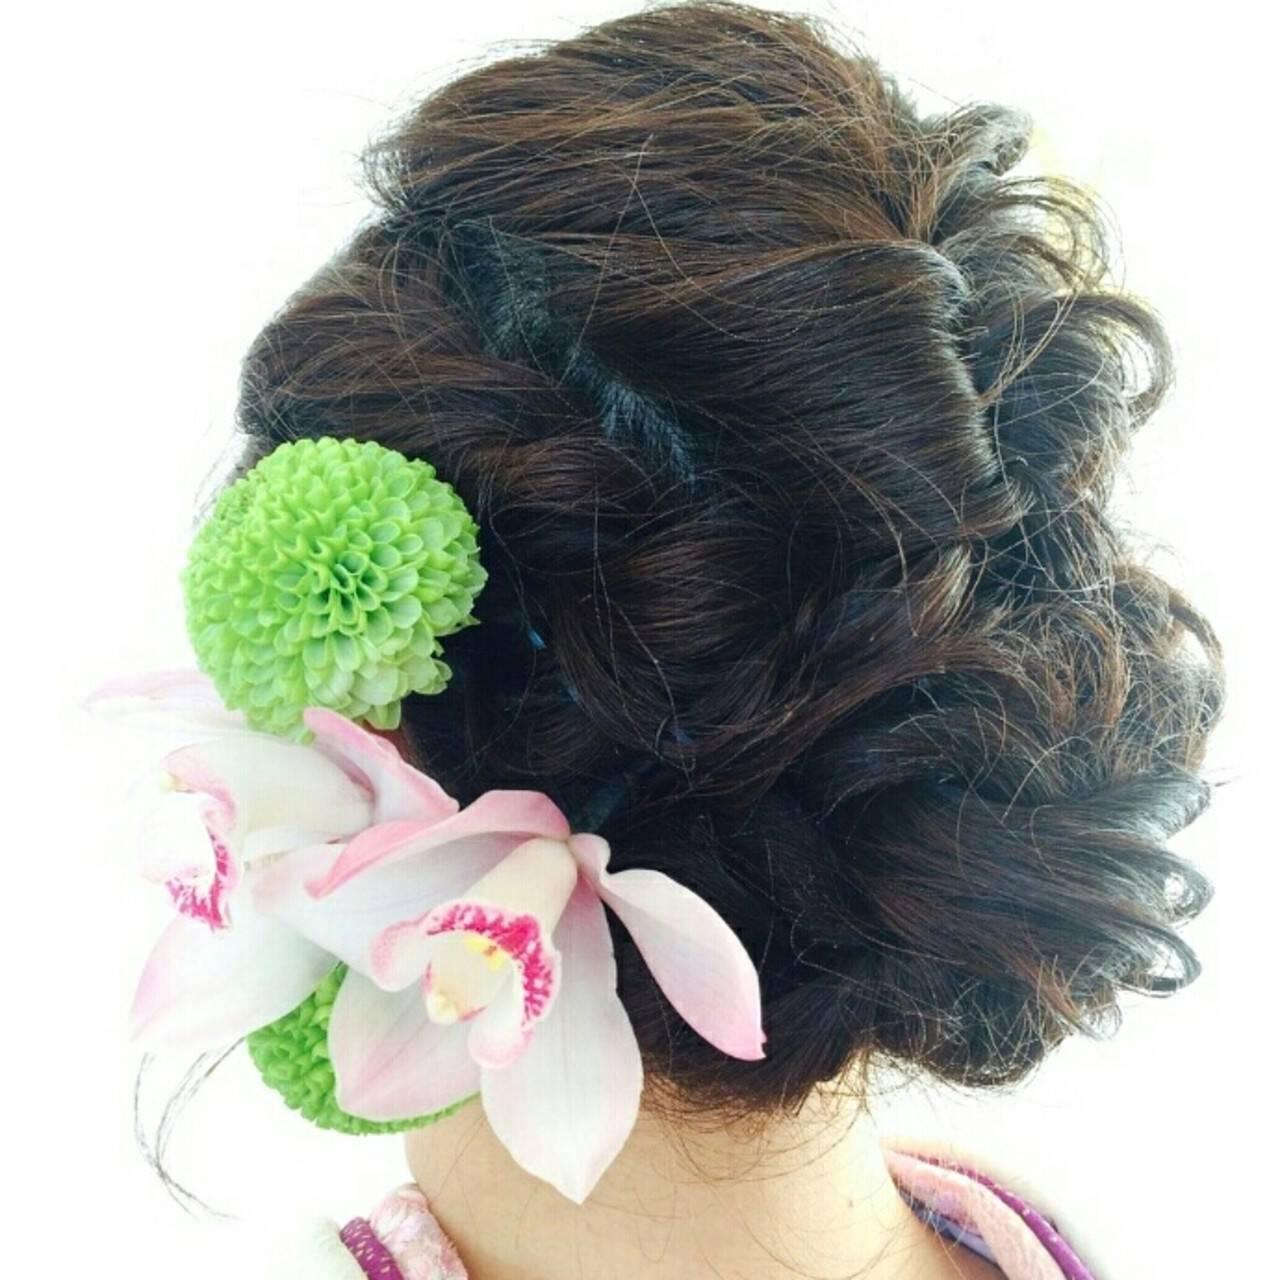 ヘアアレンジ 編み込み セミロング ゆるふわヘアスタイルや髪型の写真・画像